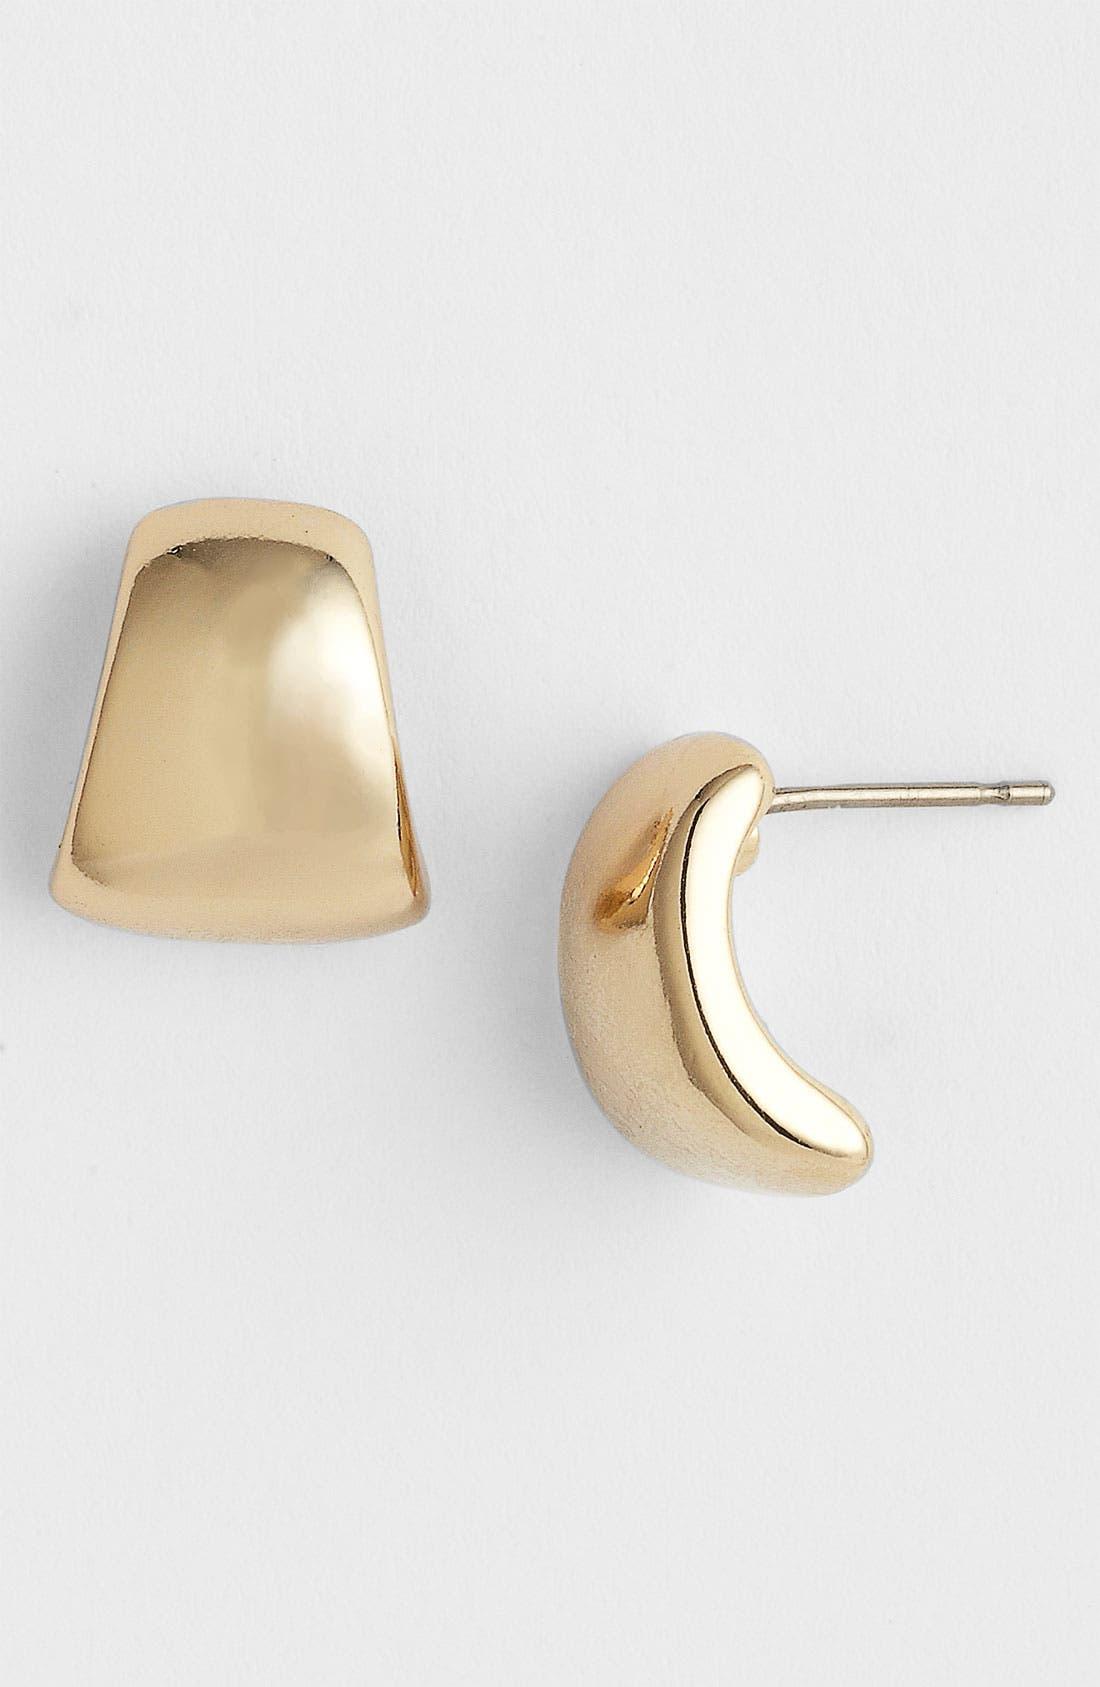 Main Image - Anne Klein Small Half Hoop Earrings